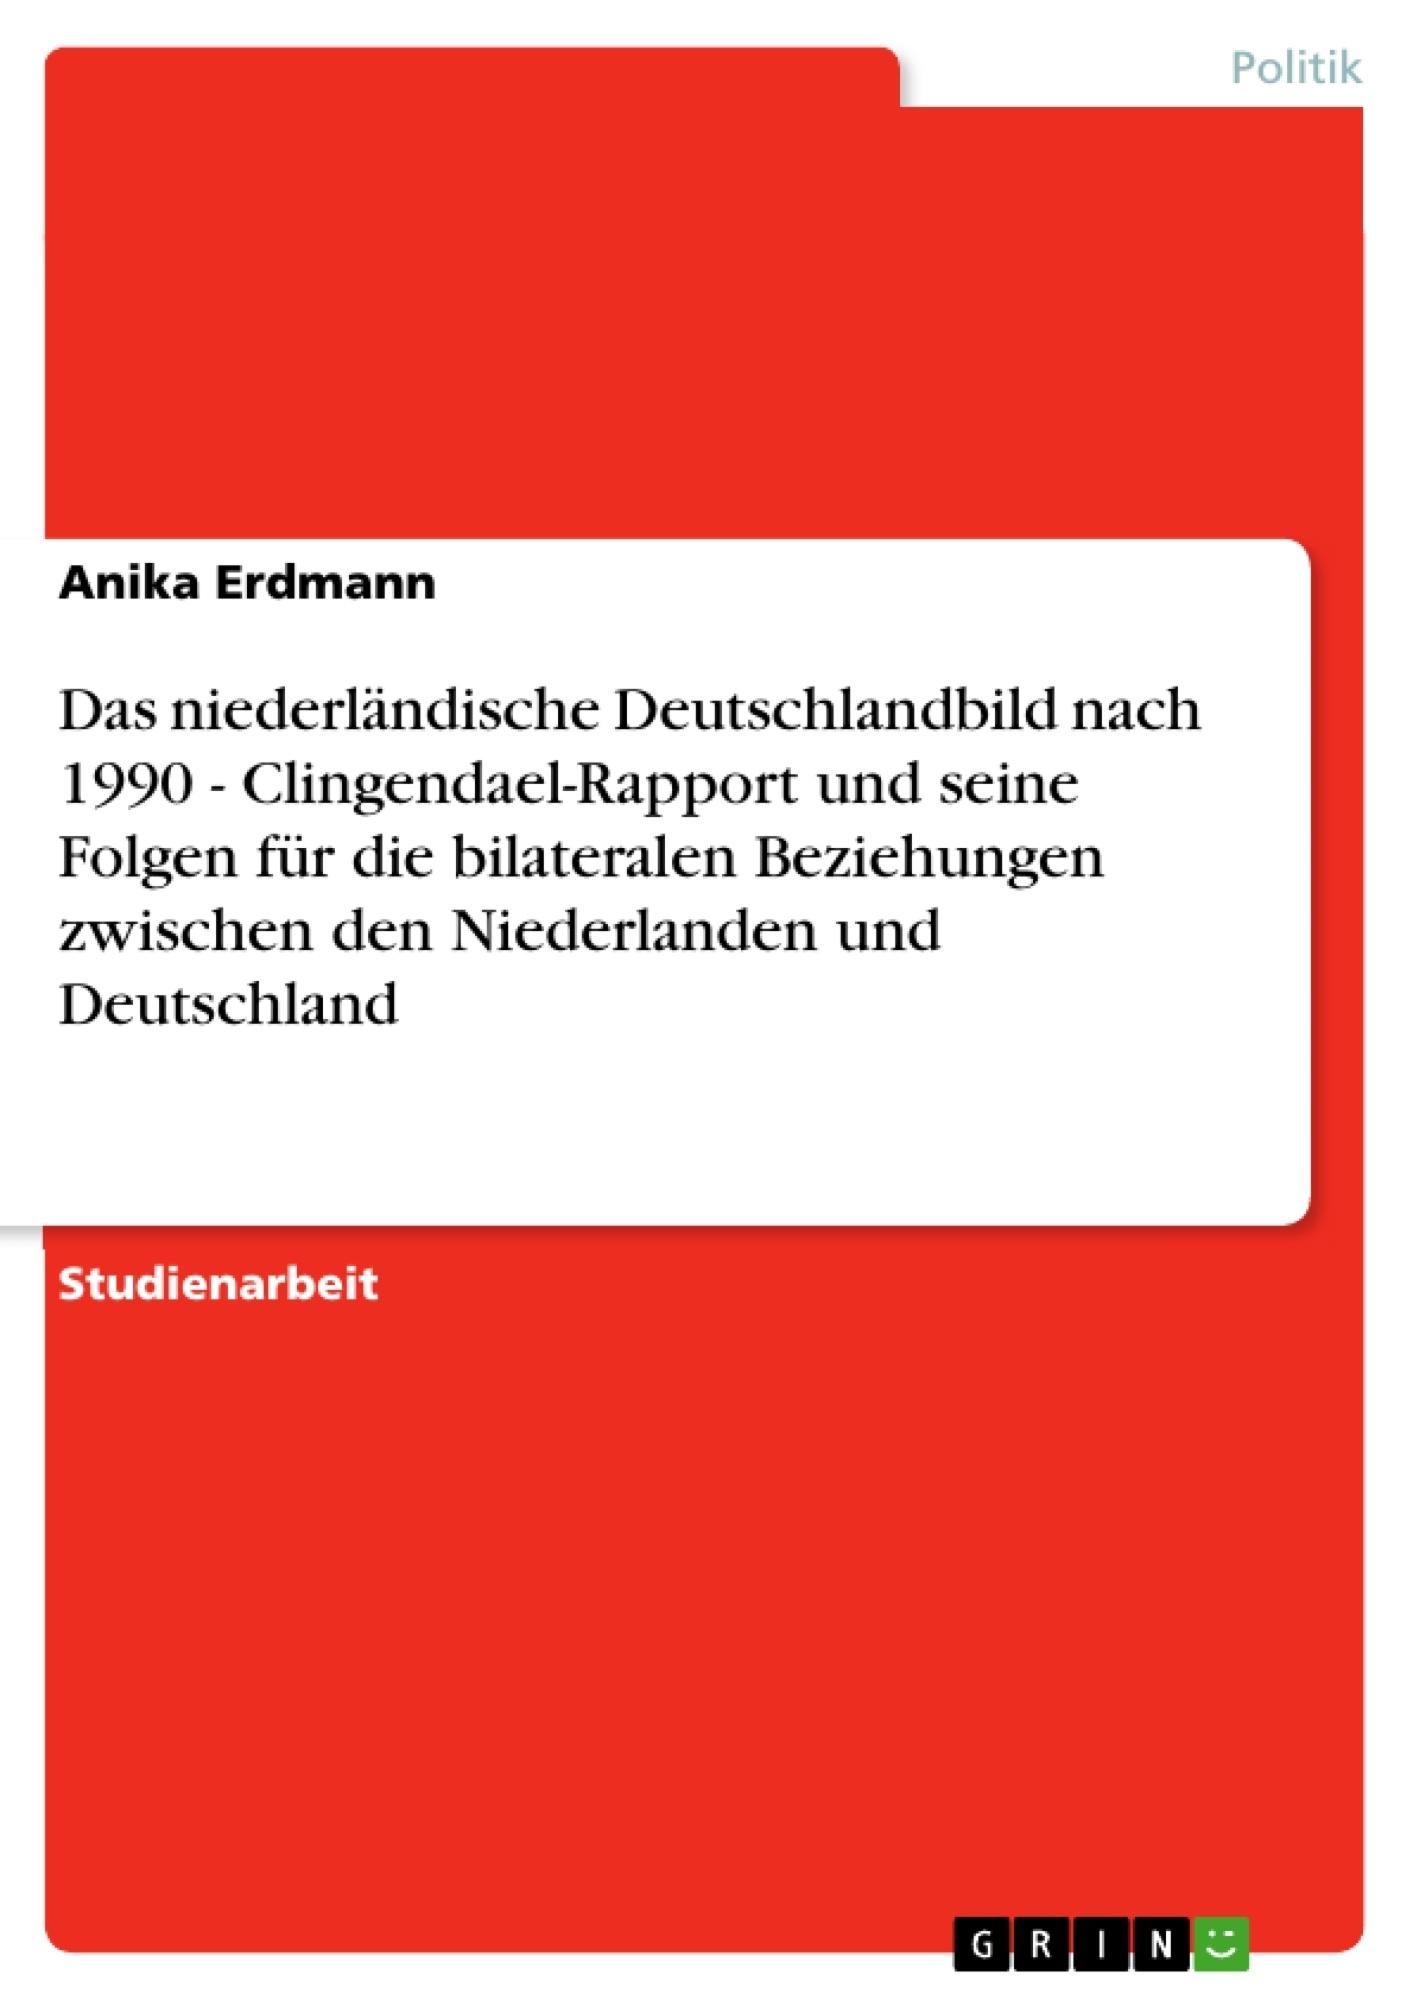 Titel: Das niederländische Deutschlandbild nach 1990 - Clingendael-Rapport und seine Folgen für die bilateralen Beziehungen zwischen den Niederlanden und Deutschland